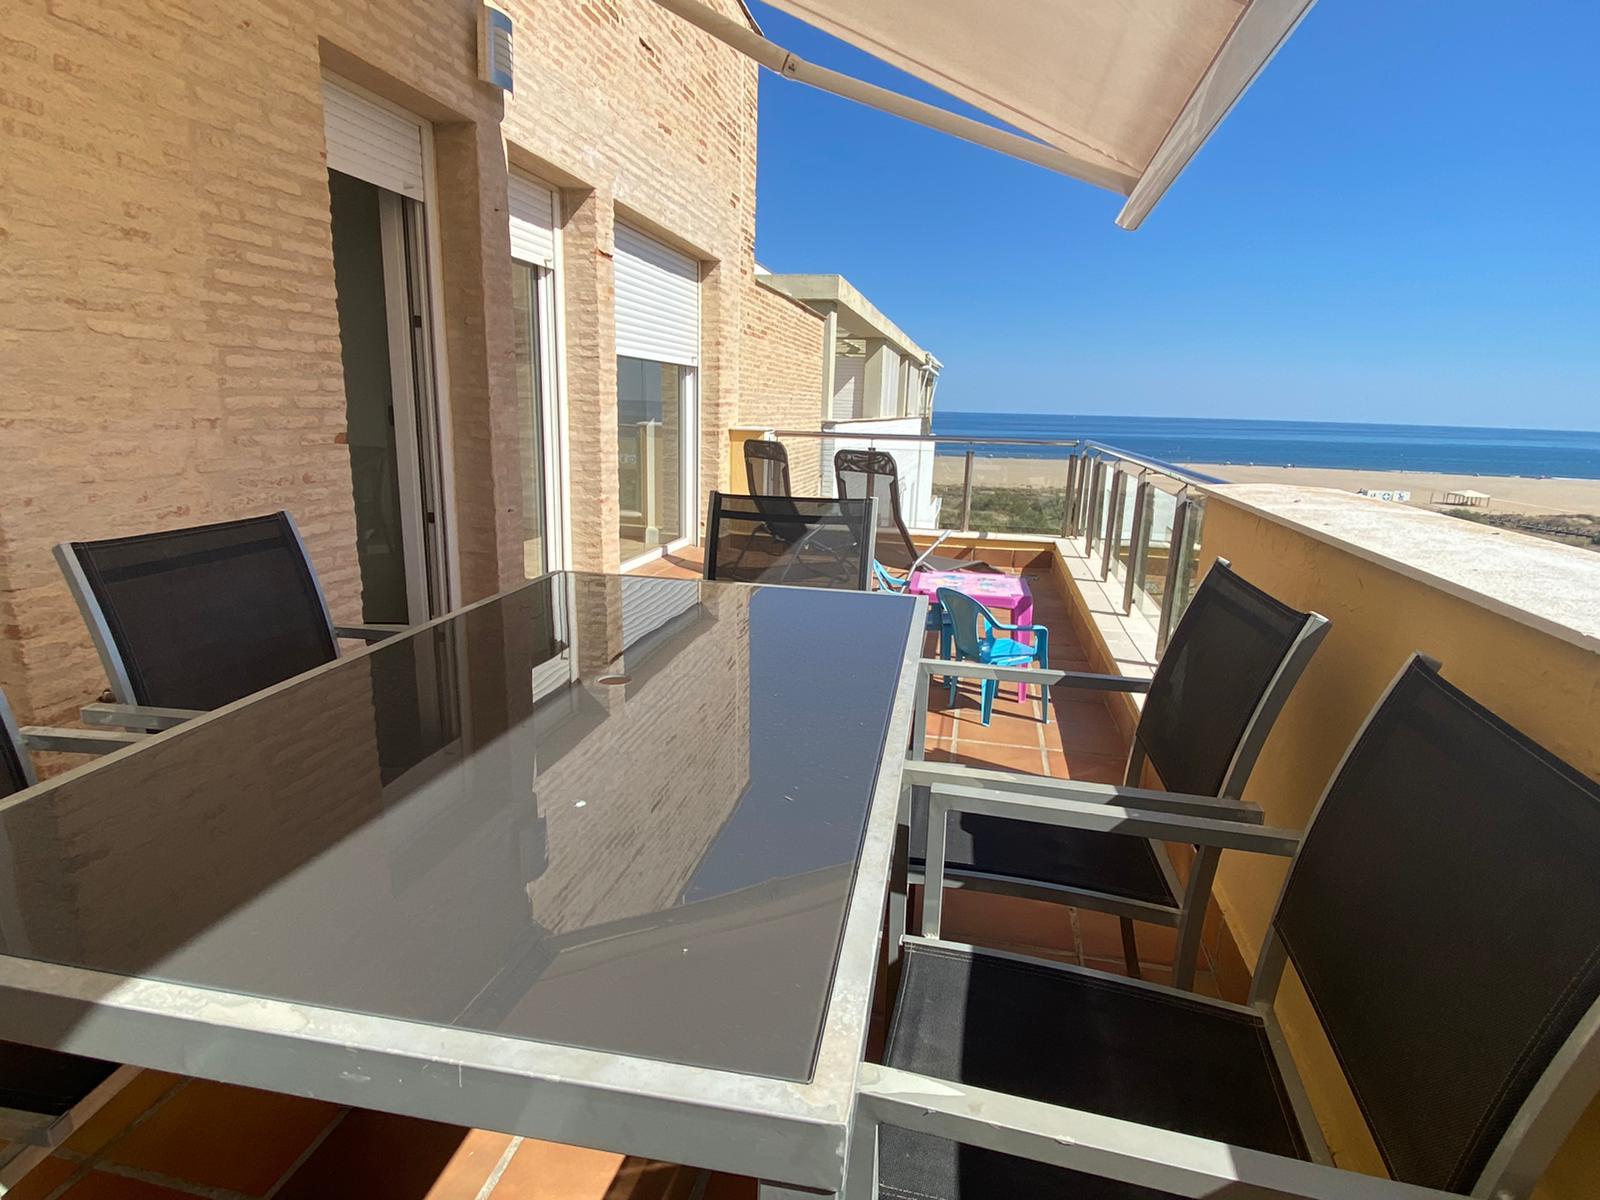 Imagen 30 del Apartamento Turístico, Ático 1 Central (3d+2b), Punta del Moral (HUELVA), Paseo de la Cruz nº22